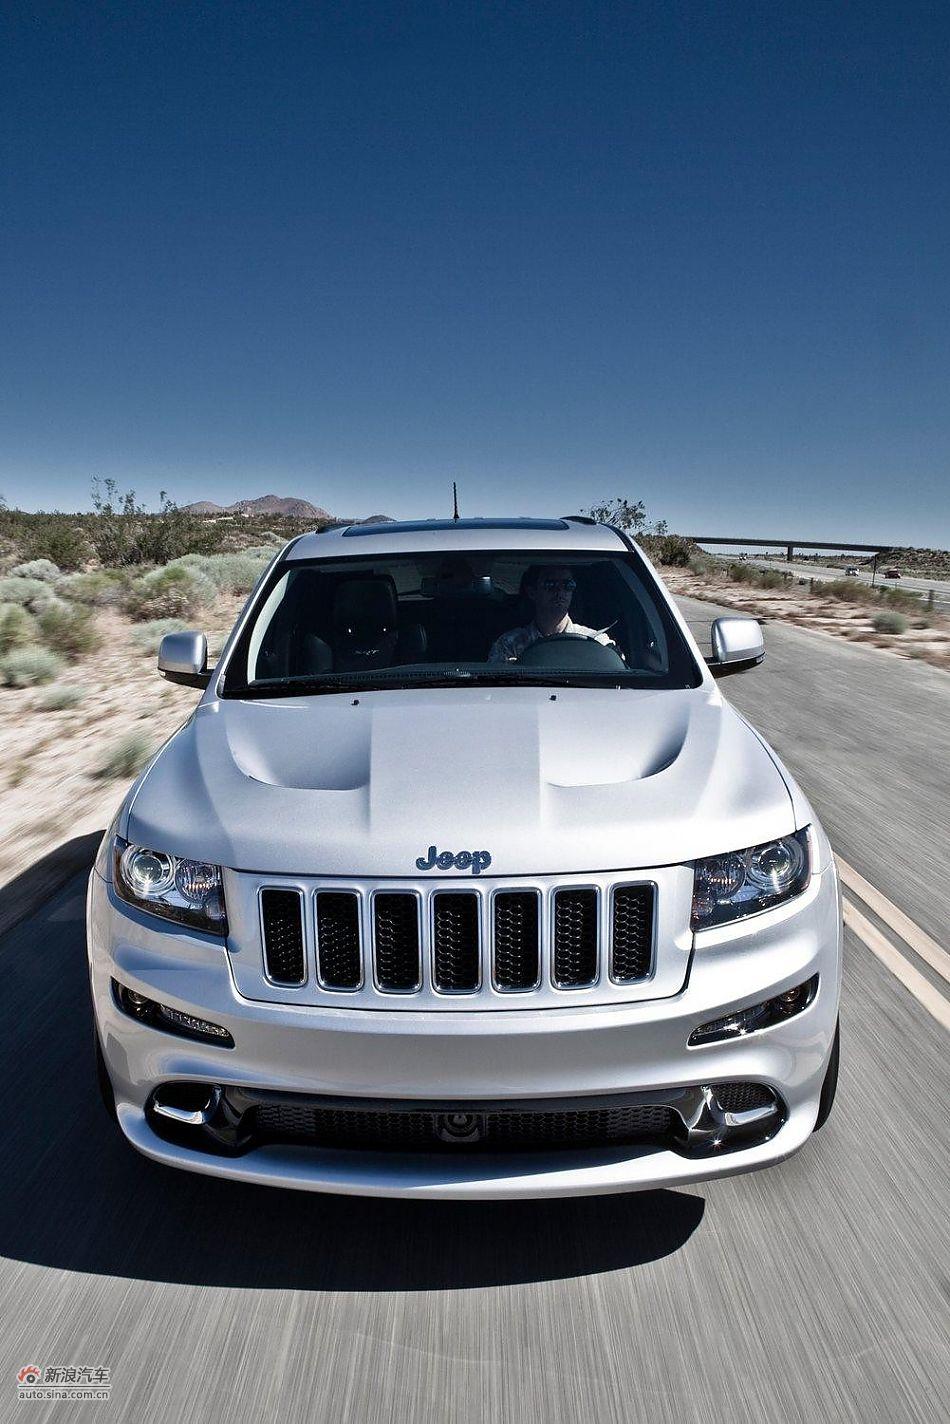 吉普大切诺基srt8 jeep大切诺基srt8 大切诺基srt8视频 高清图片